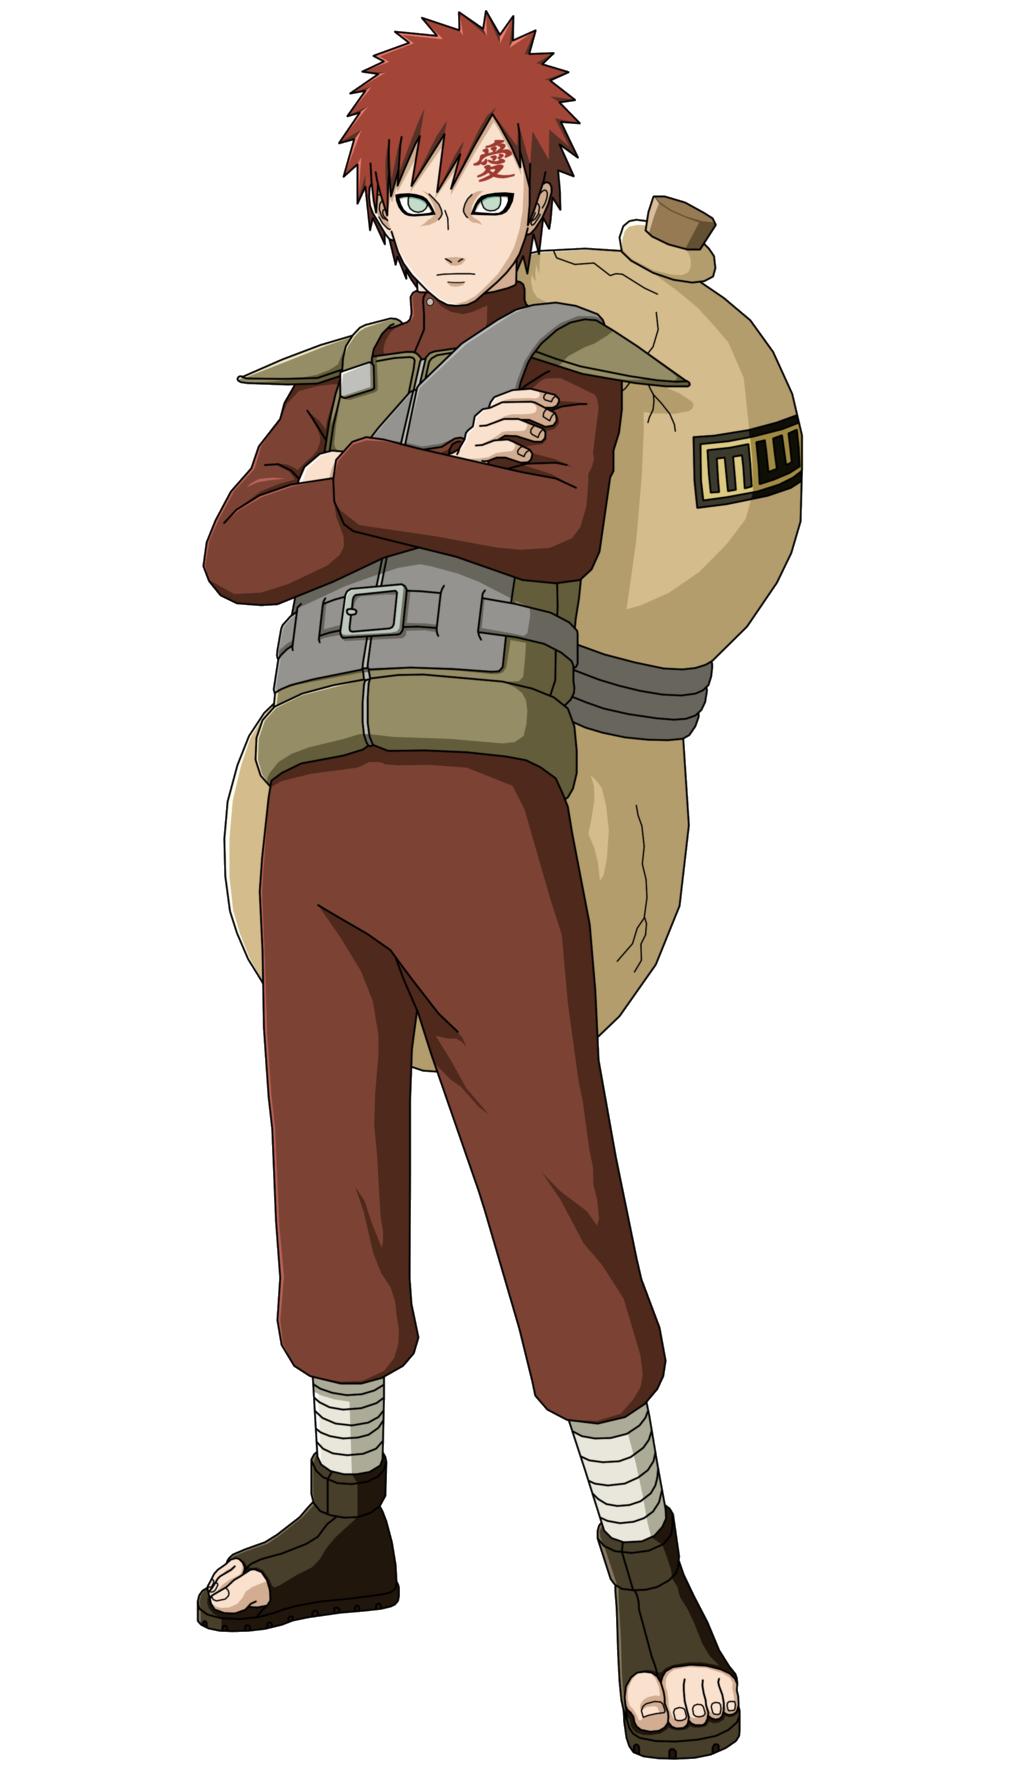 Yoichimarueva kuca Gaara_-_Allied_Shinobi_Forces